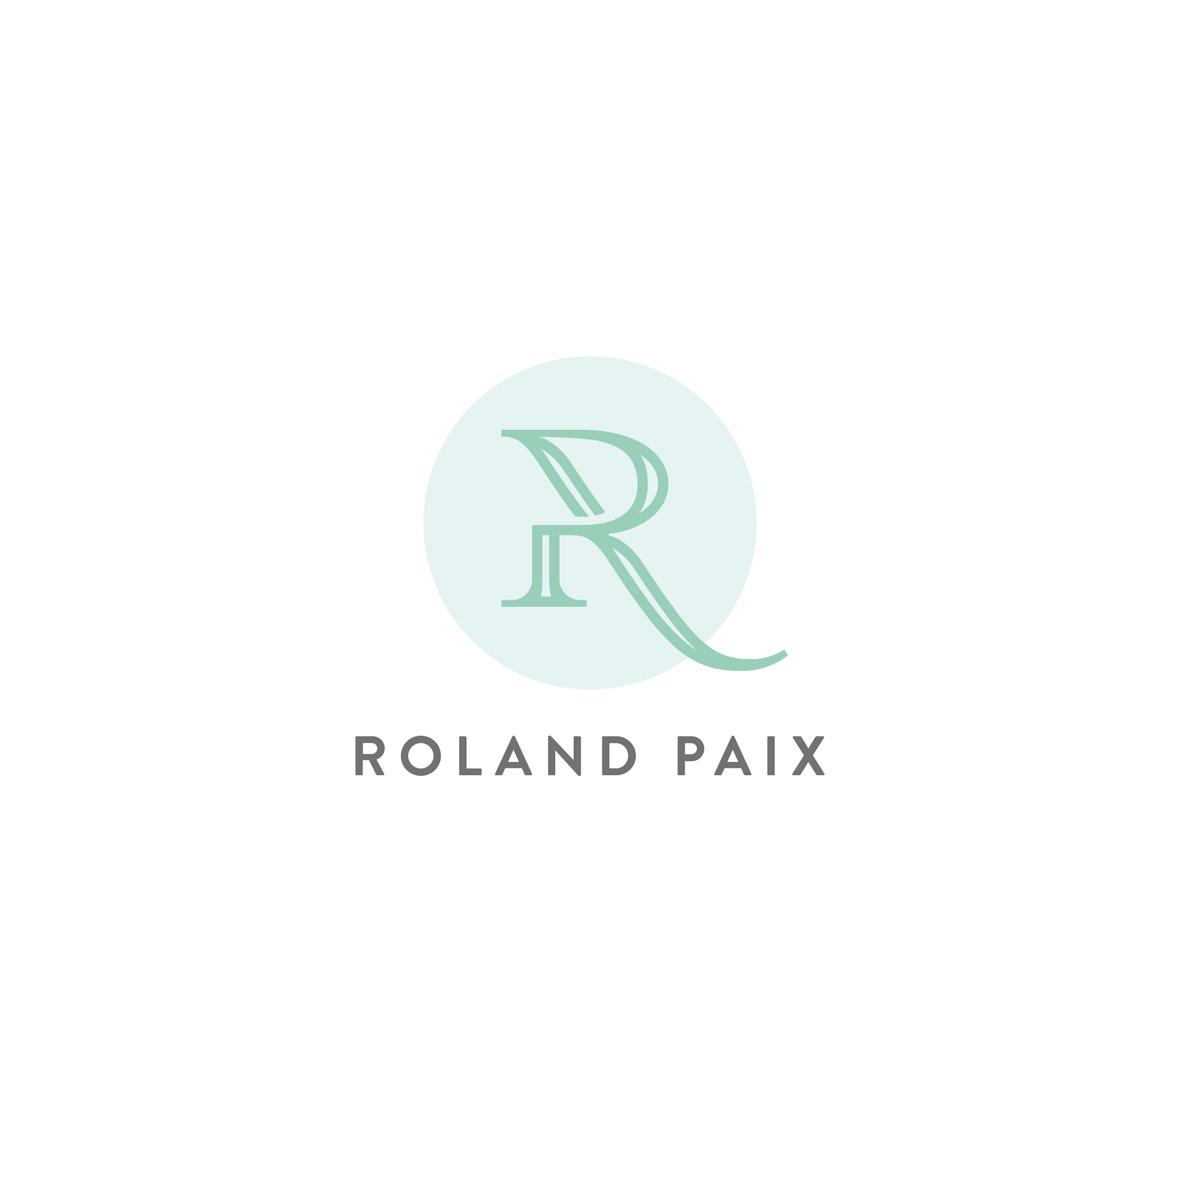 Logo_RolandPaix